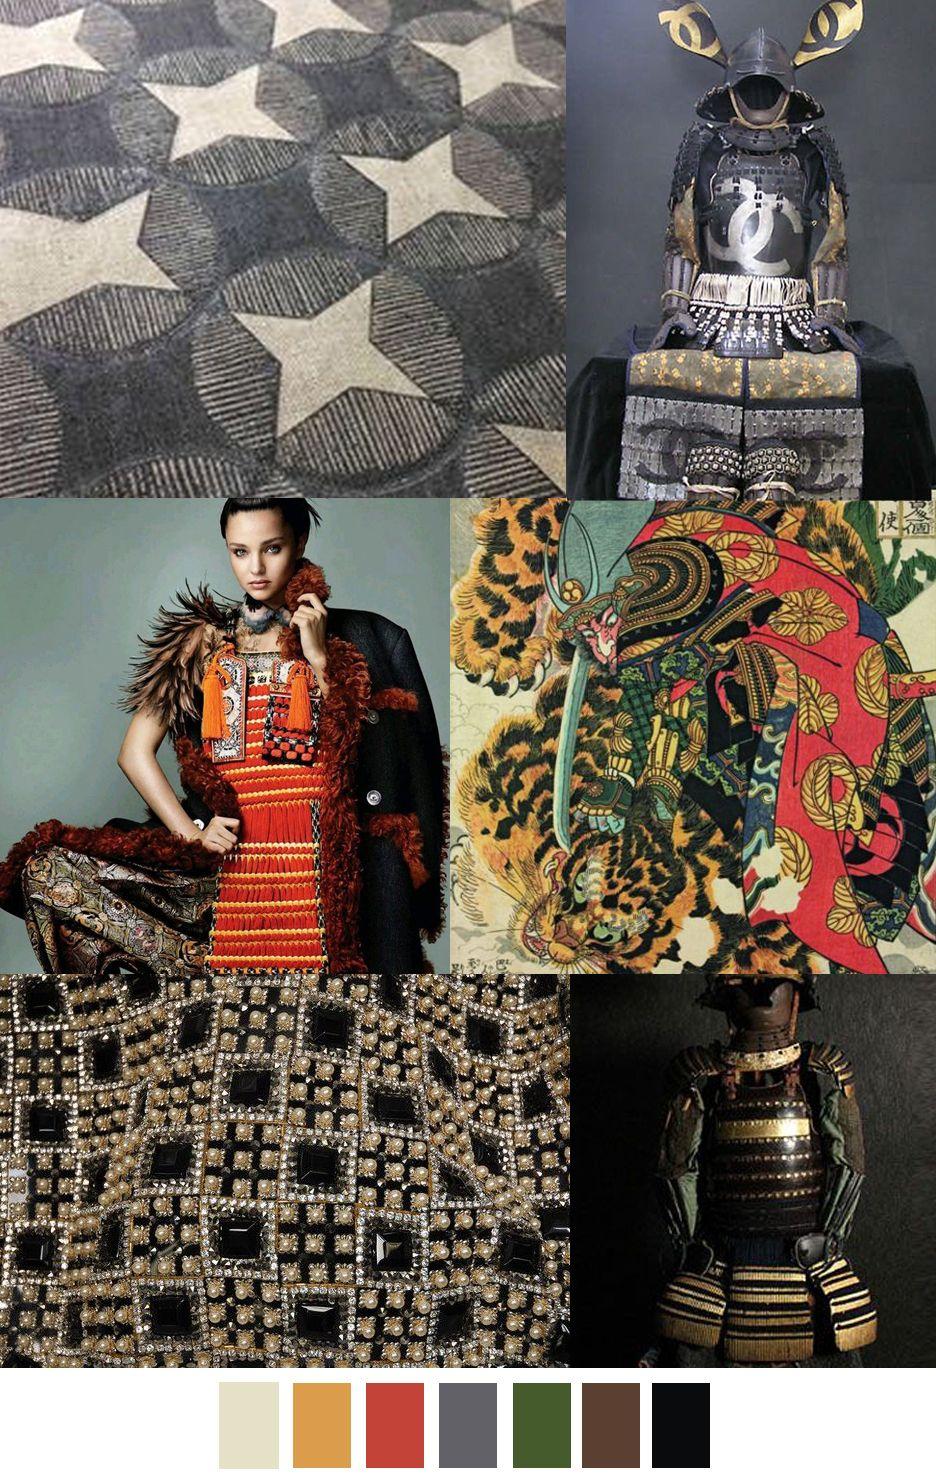 sources: paraventdesign.blogspot.com.au, pinktentacle.com, fashiongonerogue.com, pmikos.tumblr.com, stylebistro.com, pinterest.com